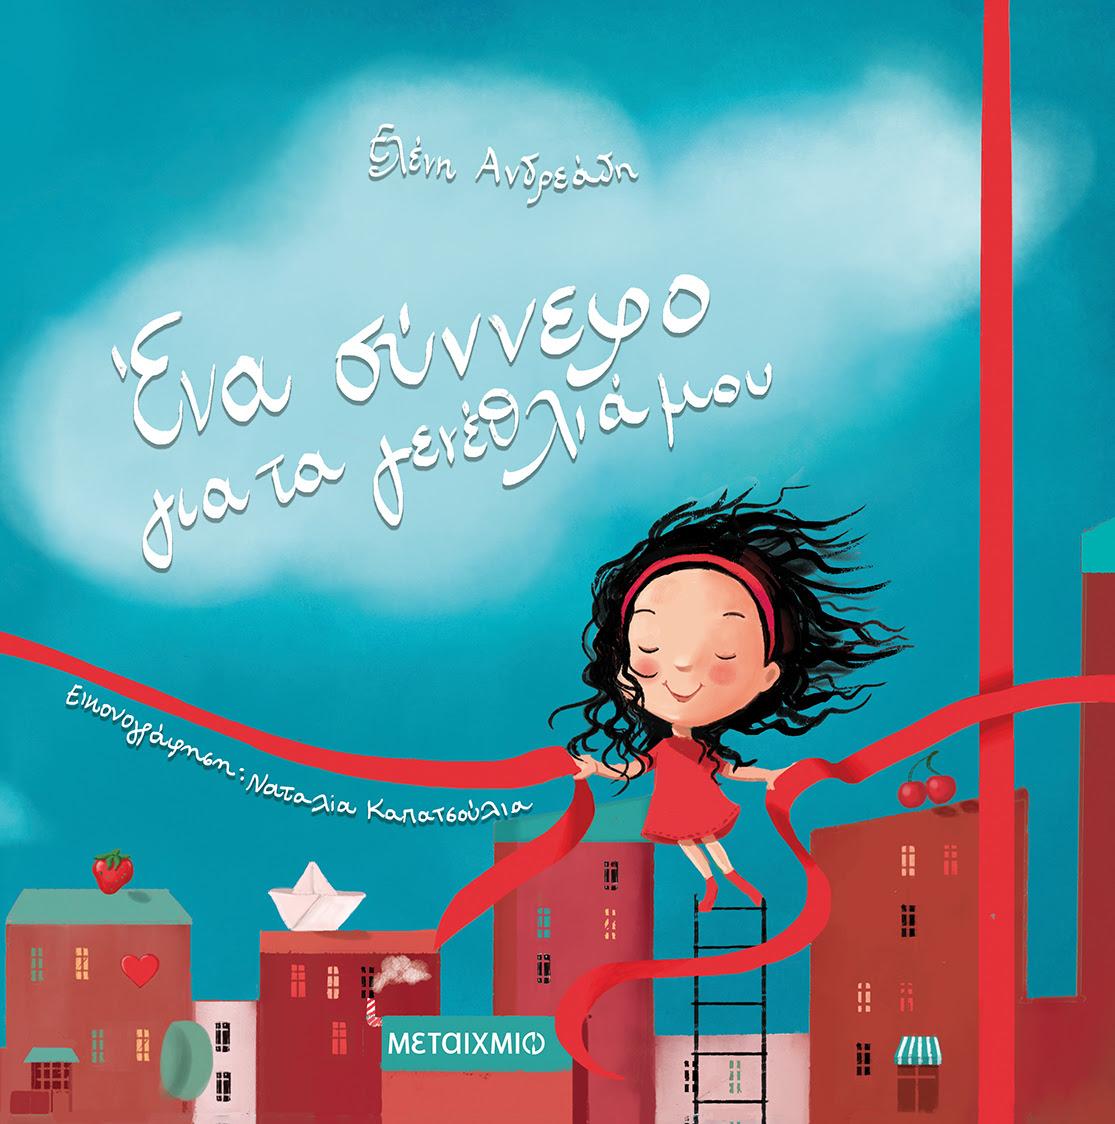 Κυκλοφορεί το βιβλίο της Ελένης Ανδρεάδη